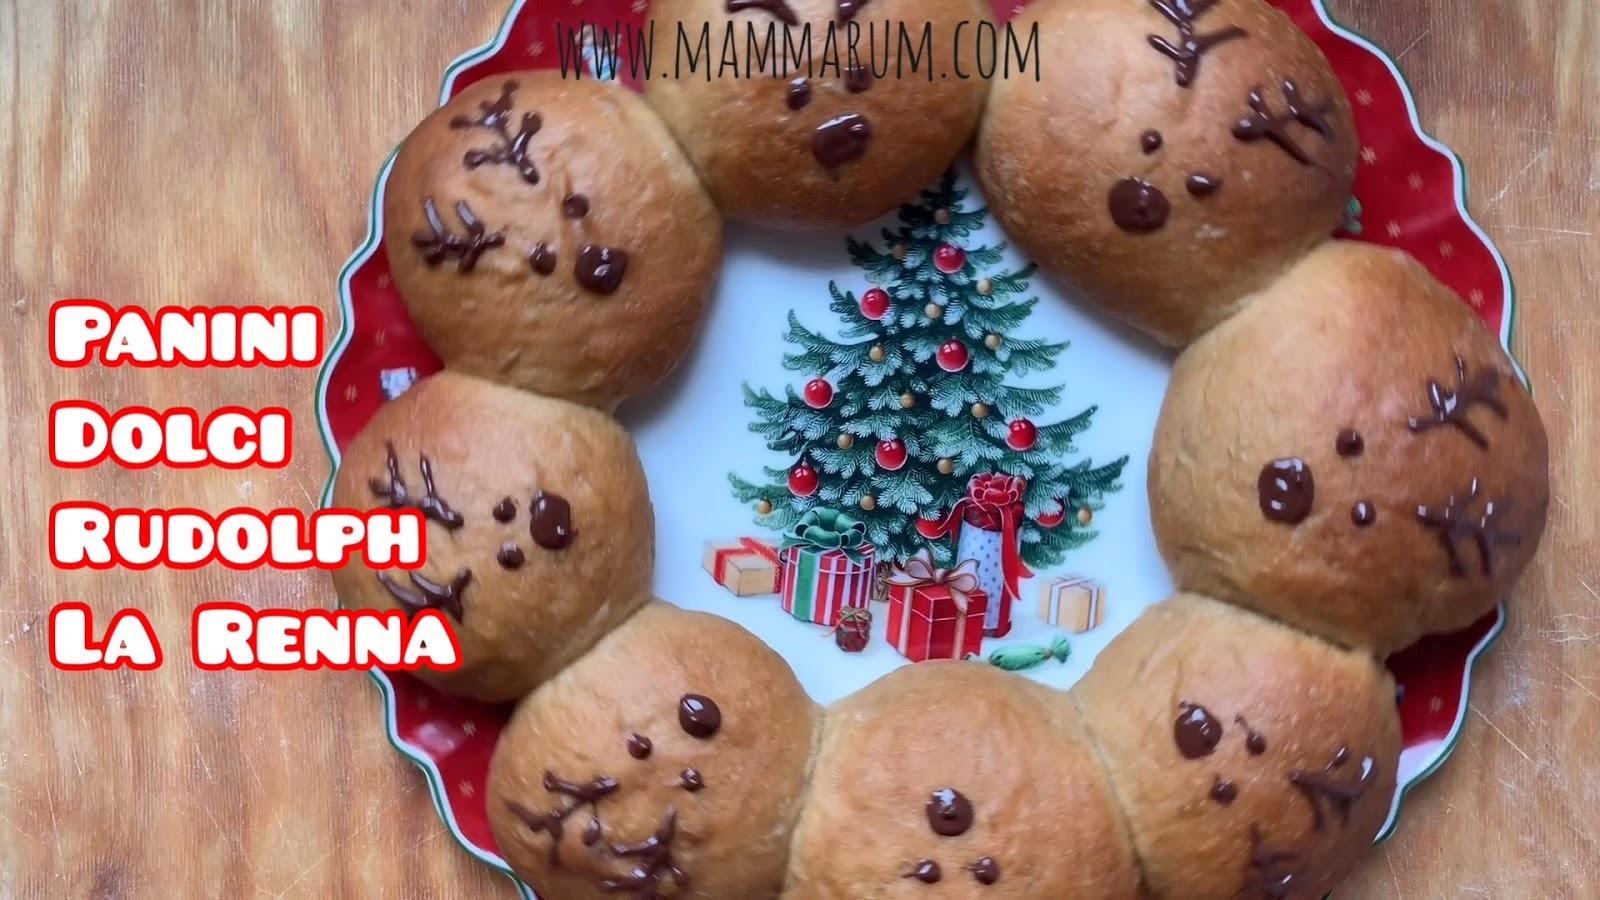 Giorni 21: Panini Dolci Rudolph la Renna